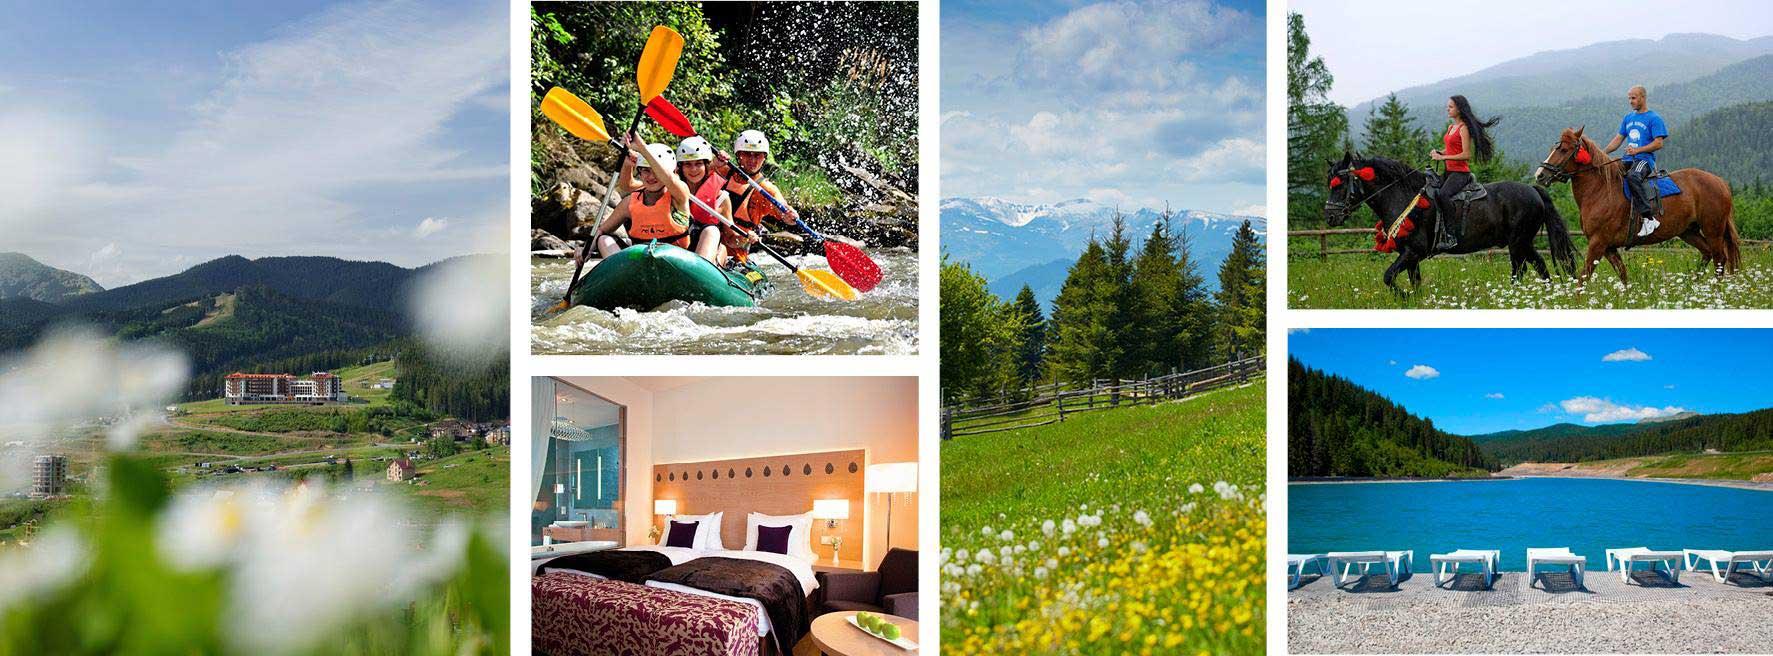 Karpatlar 2018 Otel Önerileri, Bukovel Otelleri, Karpatlar Otel fiyatları, Bukovel Türk Otel, Yaremçe Otelleri, Bukovel, Ukrayna Karpatlar da Otel Fiyatları